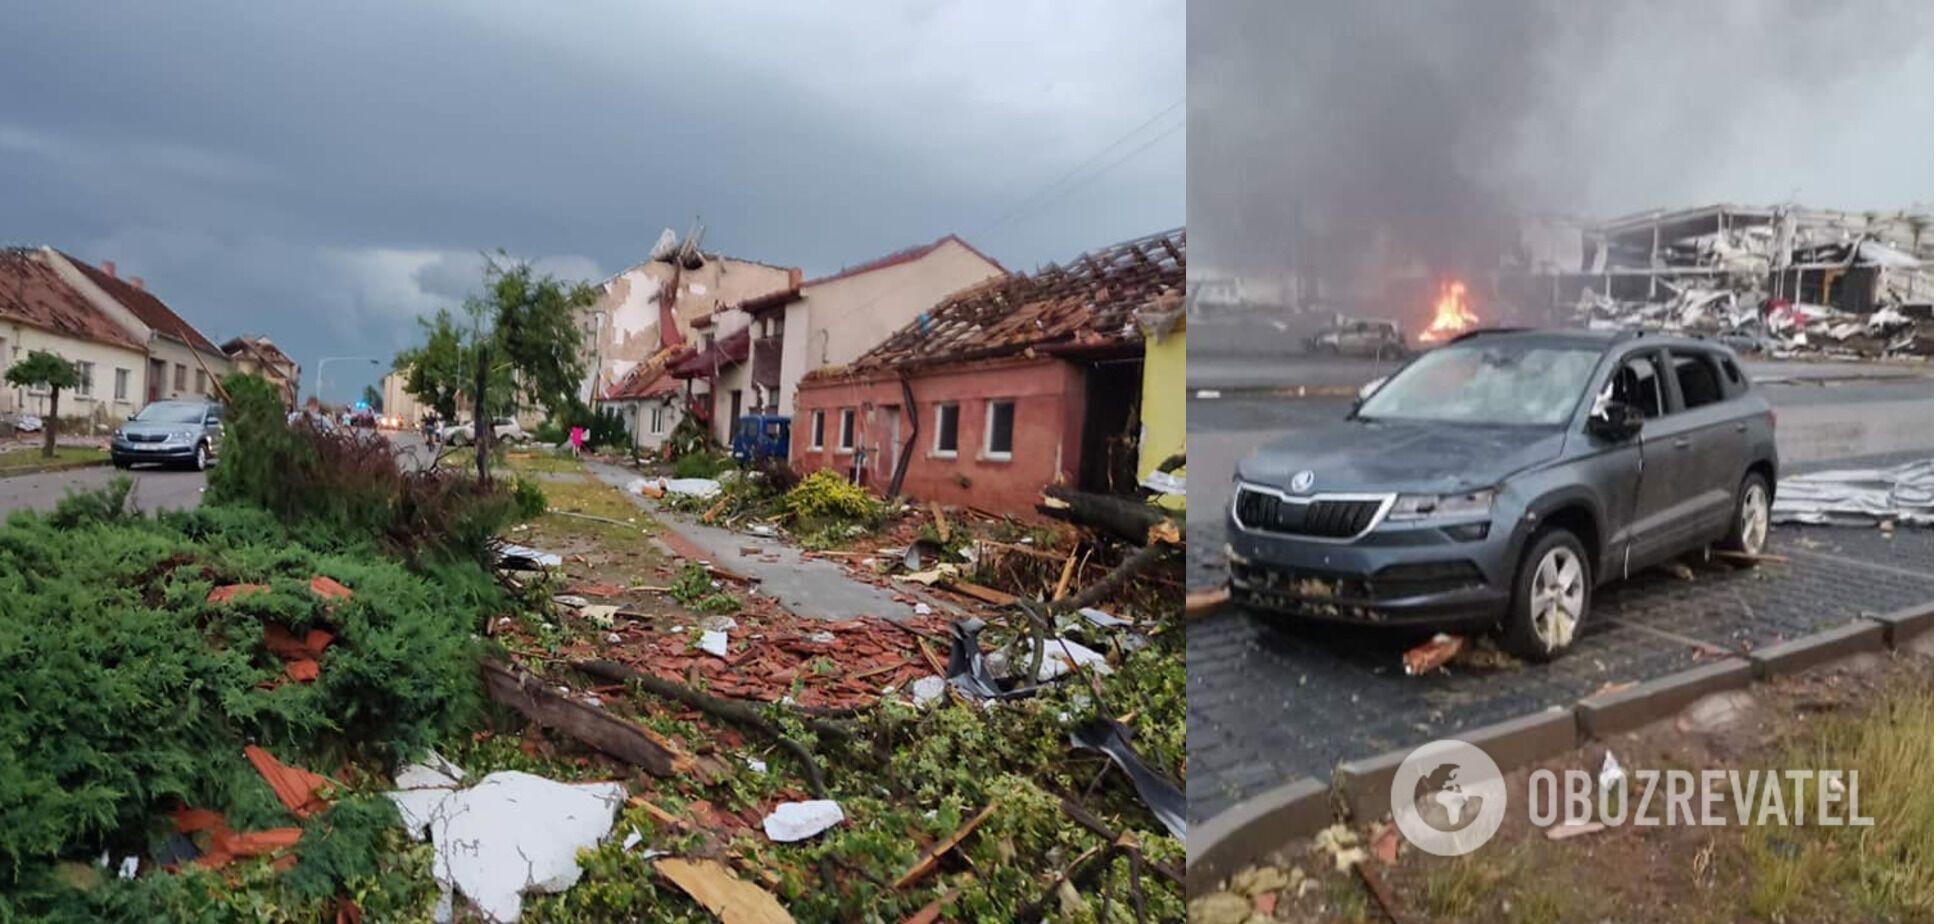 Спасатели объявили чрезвычайную ситуацию третьей степени